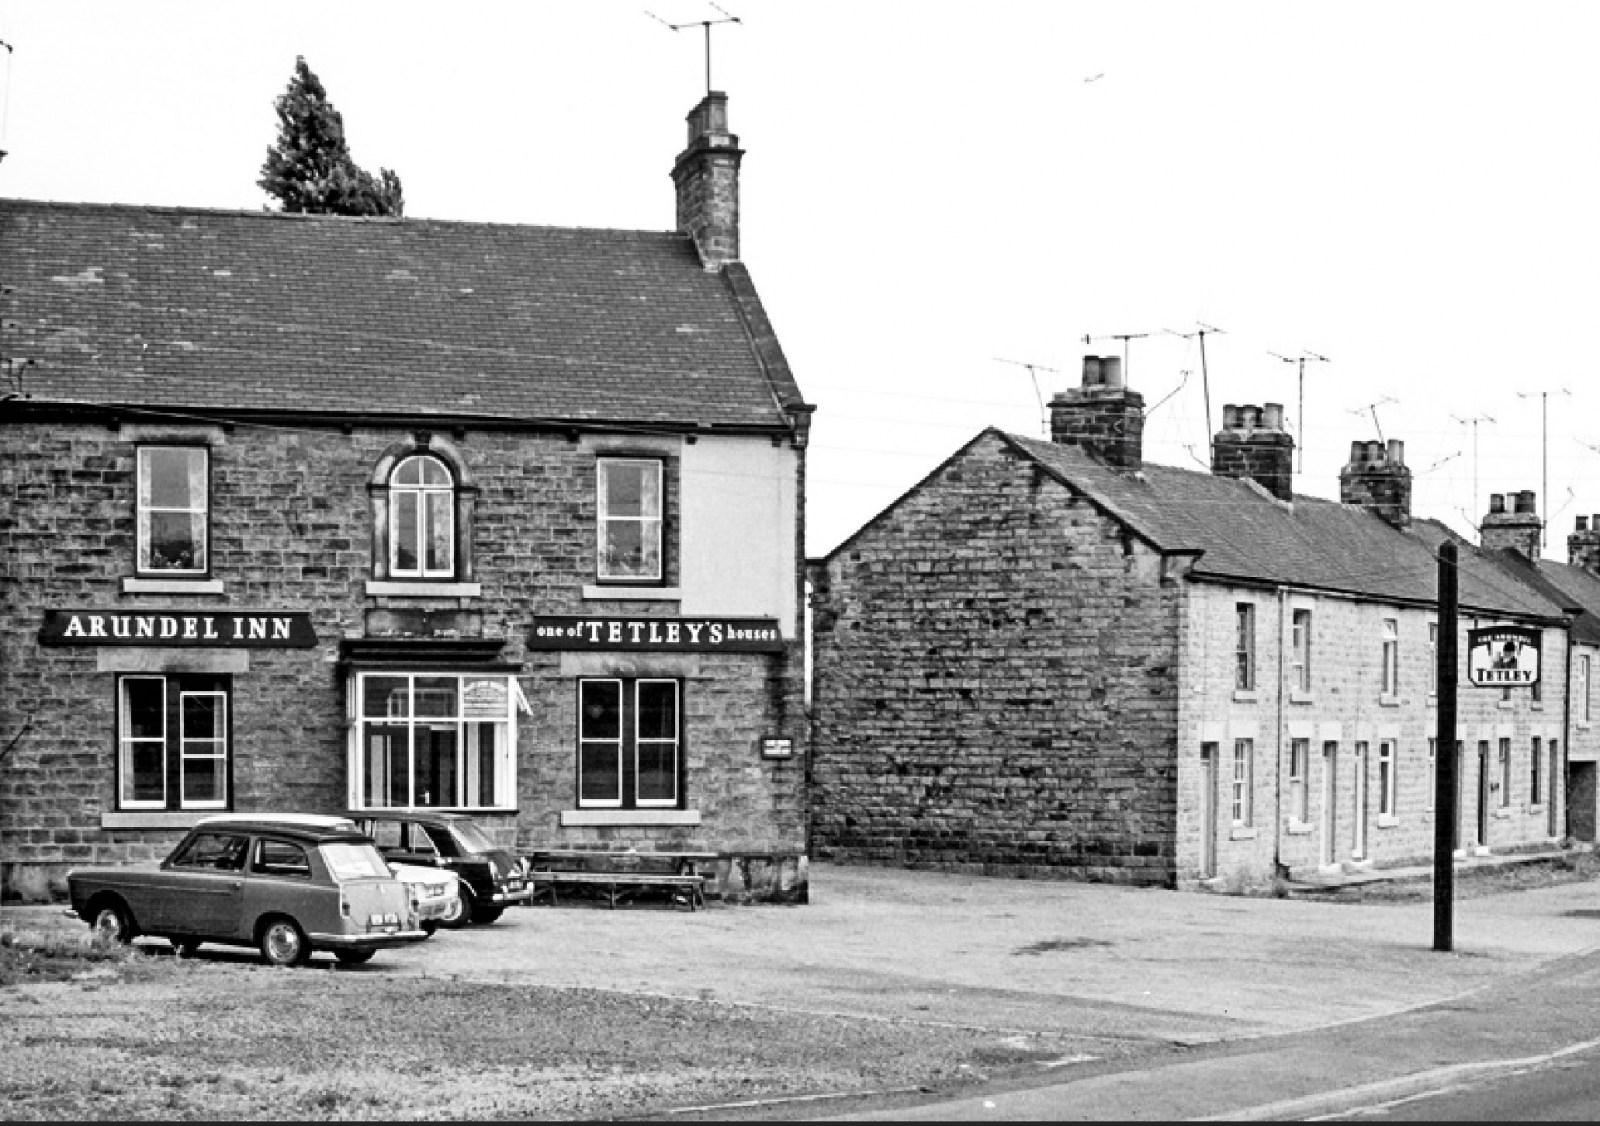 Arundel Inn Ecclesfield.jpg